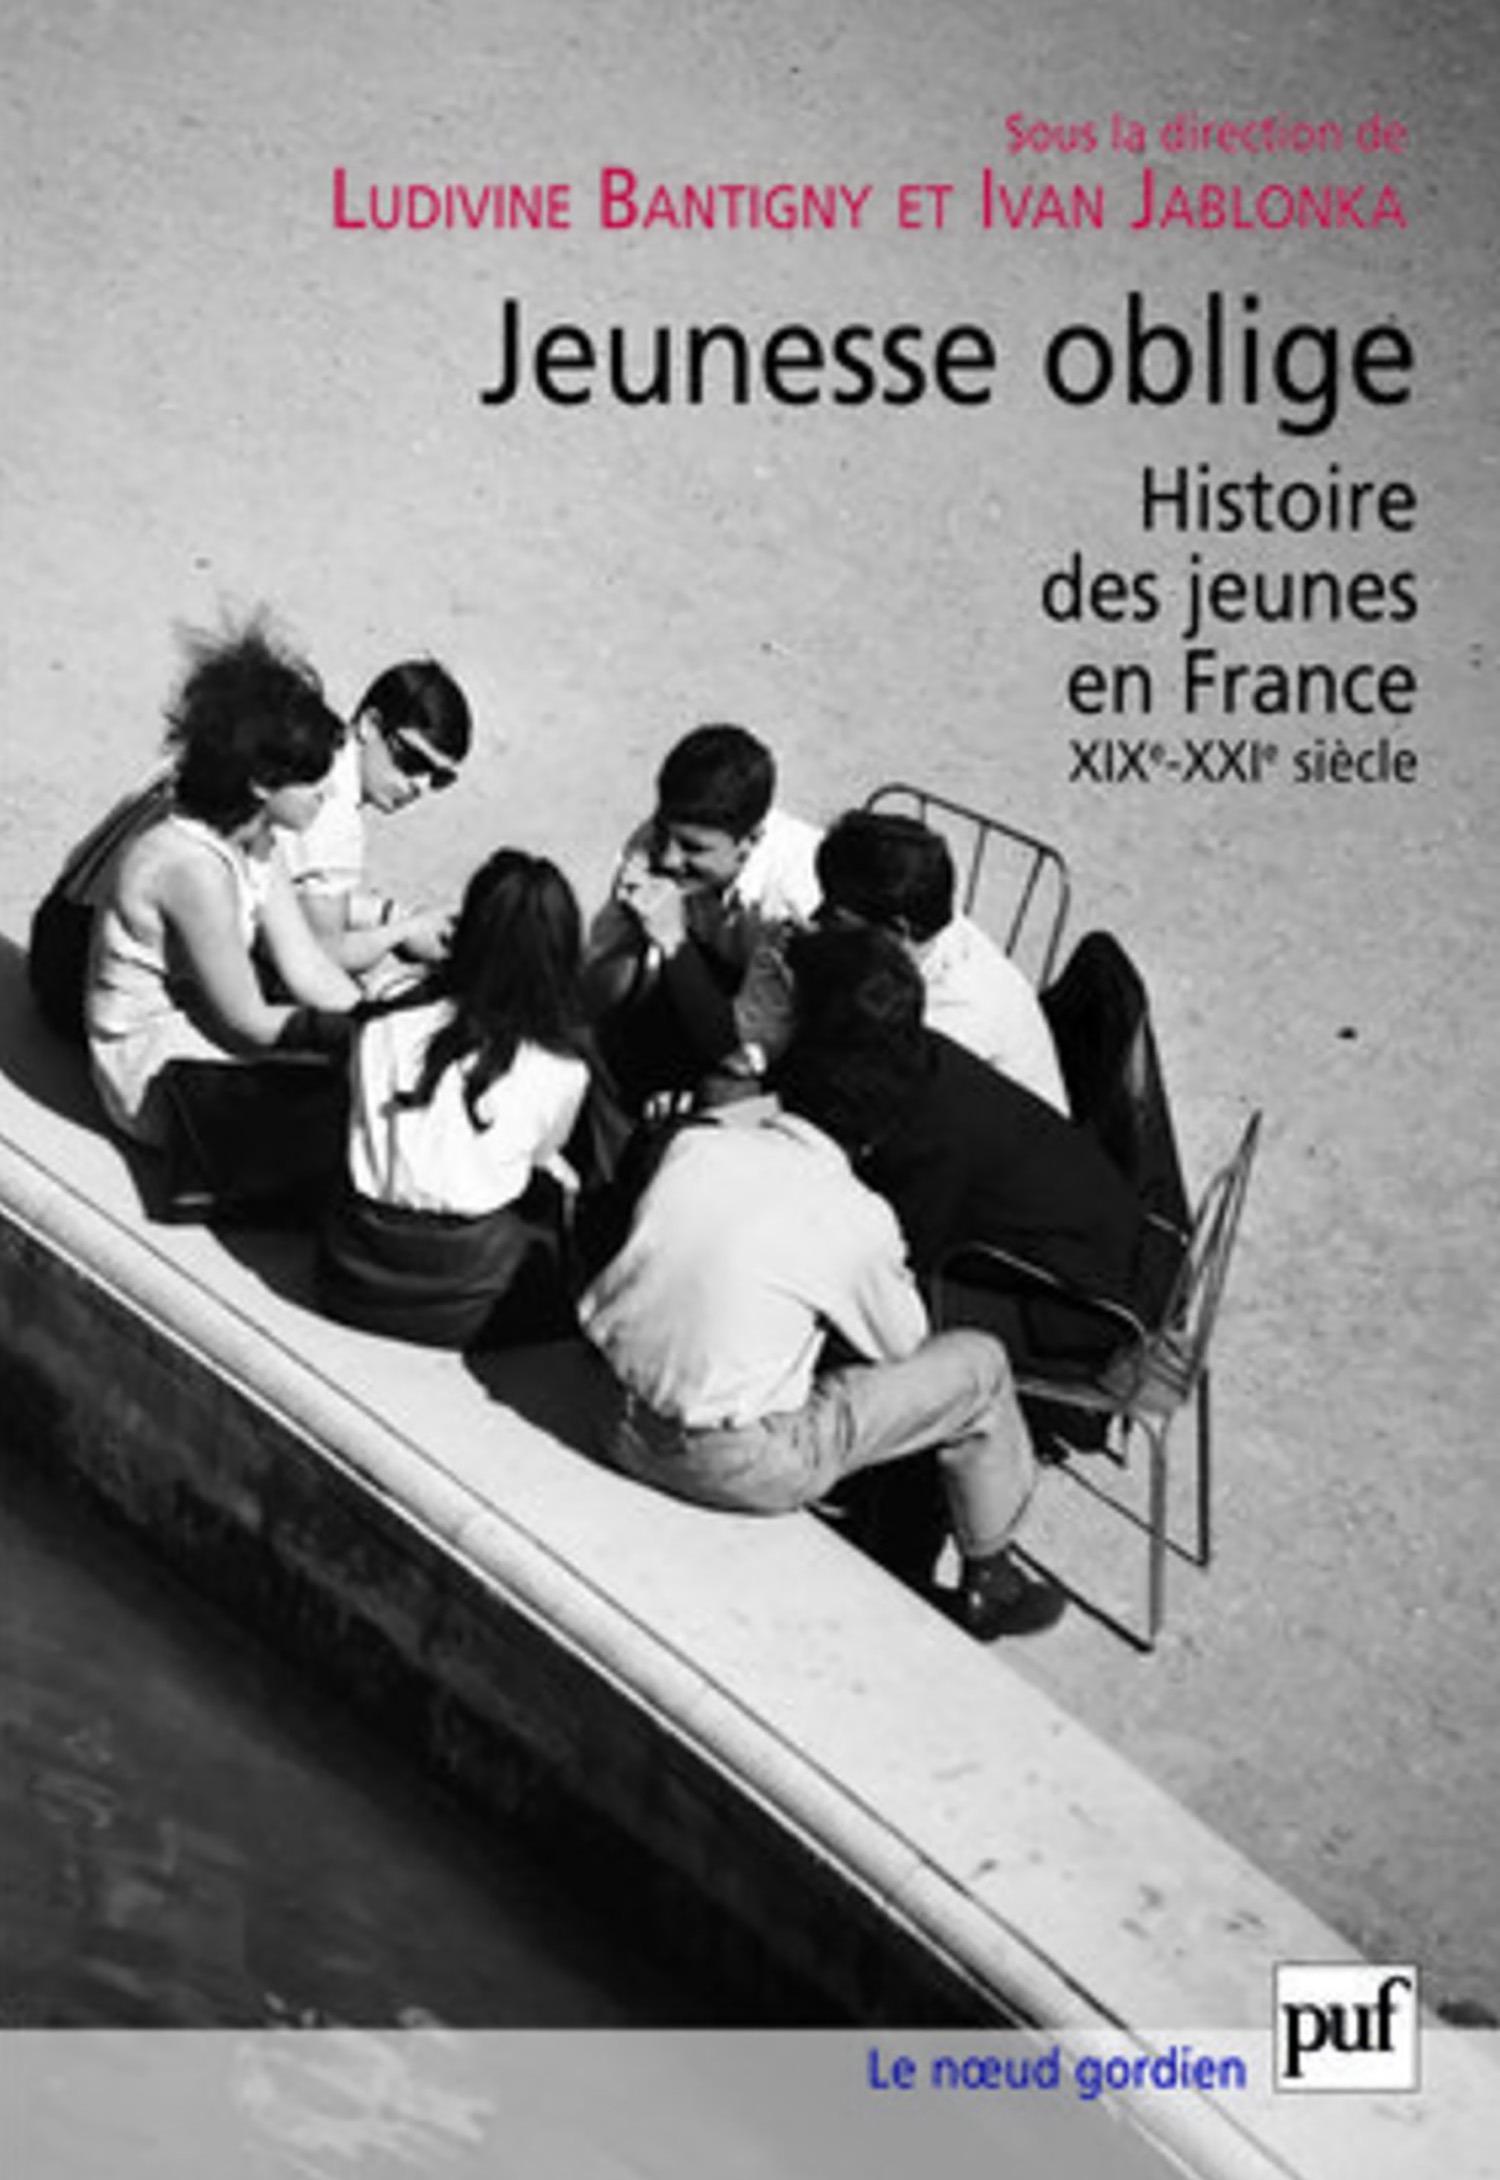 jeunesse oblige ; histoire des jeunes en France XIX-XXI siècle